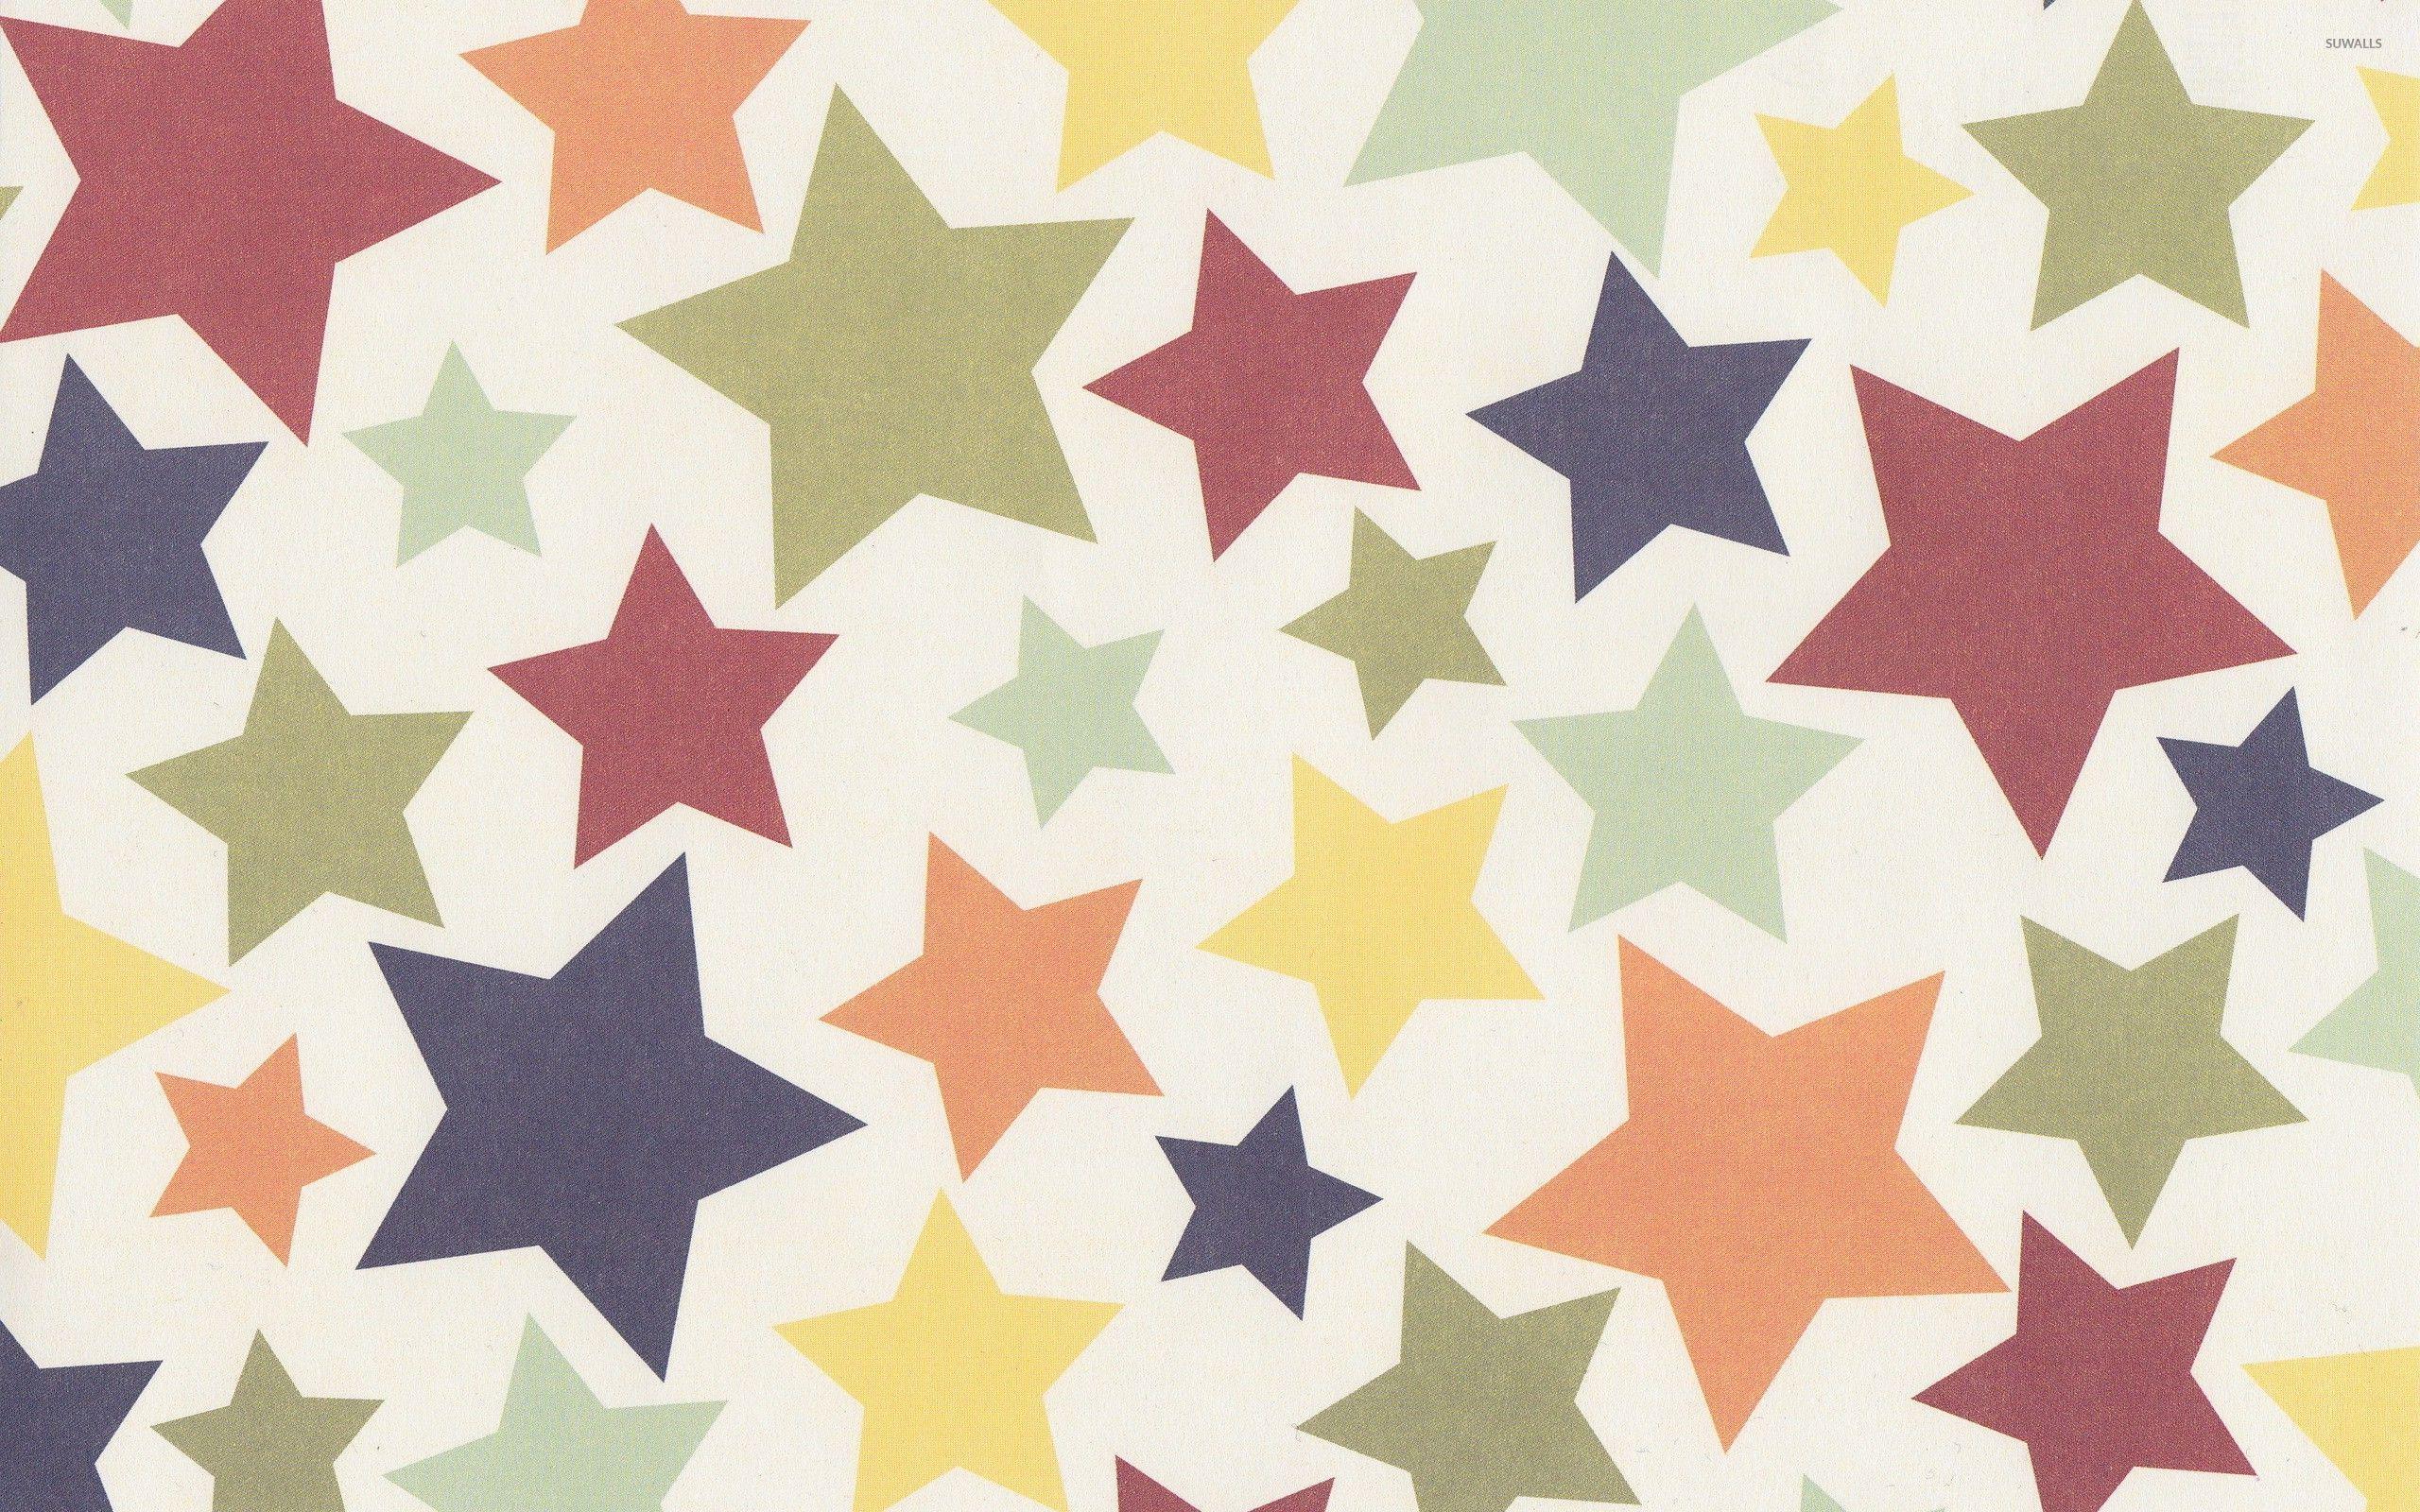 colorful stars wallpaper digital art wallpapers 22249